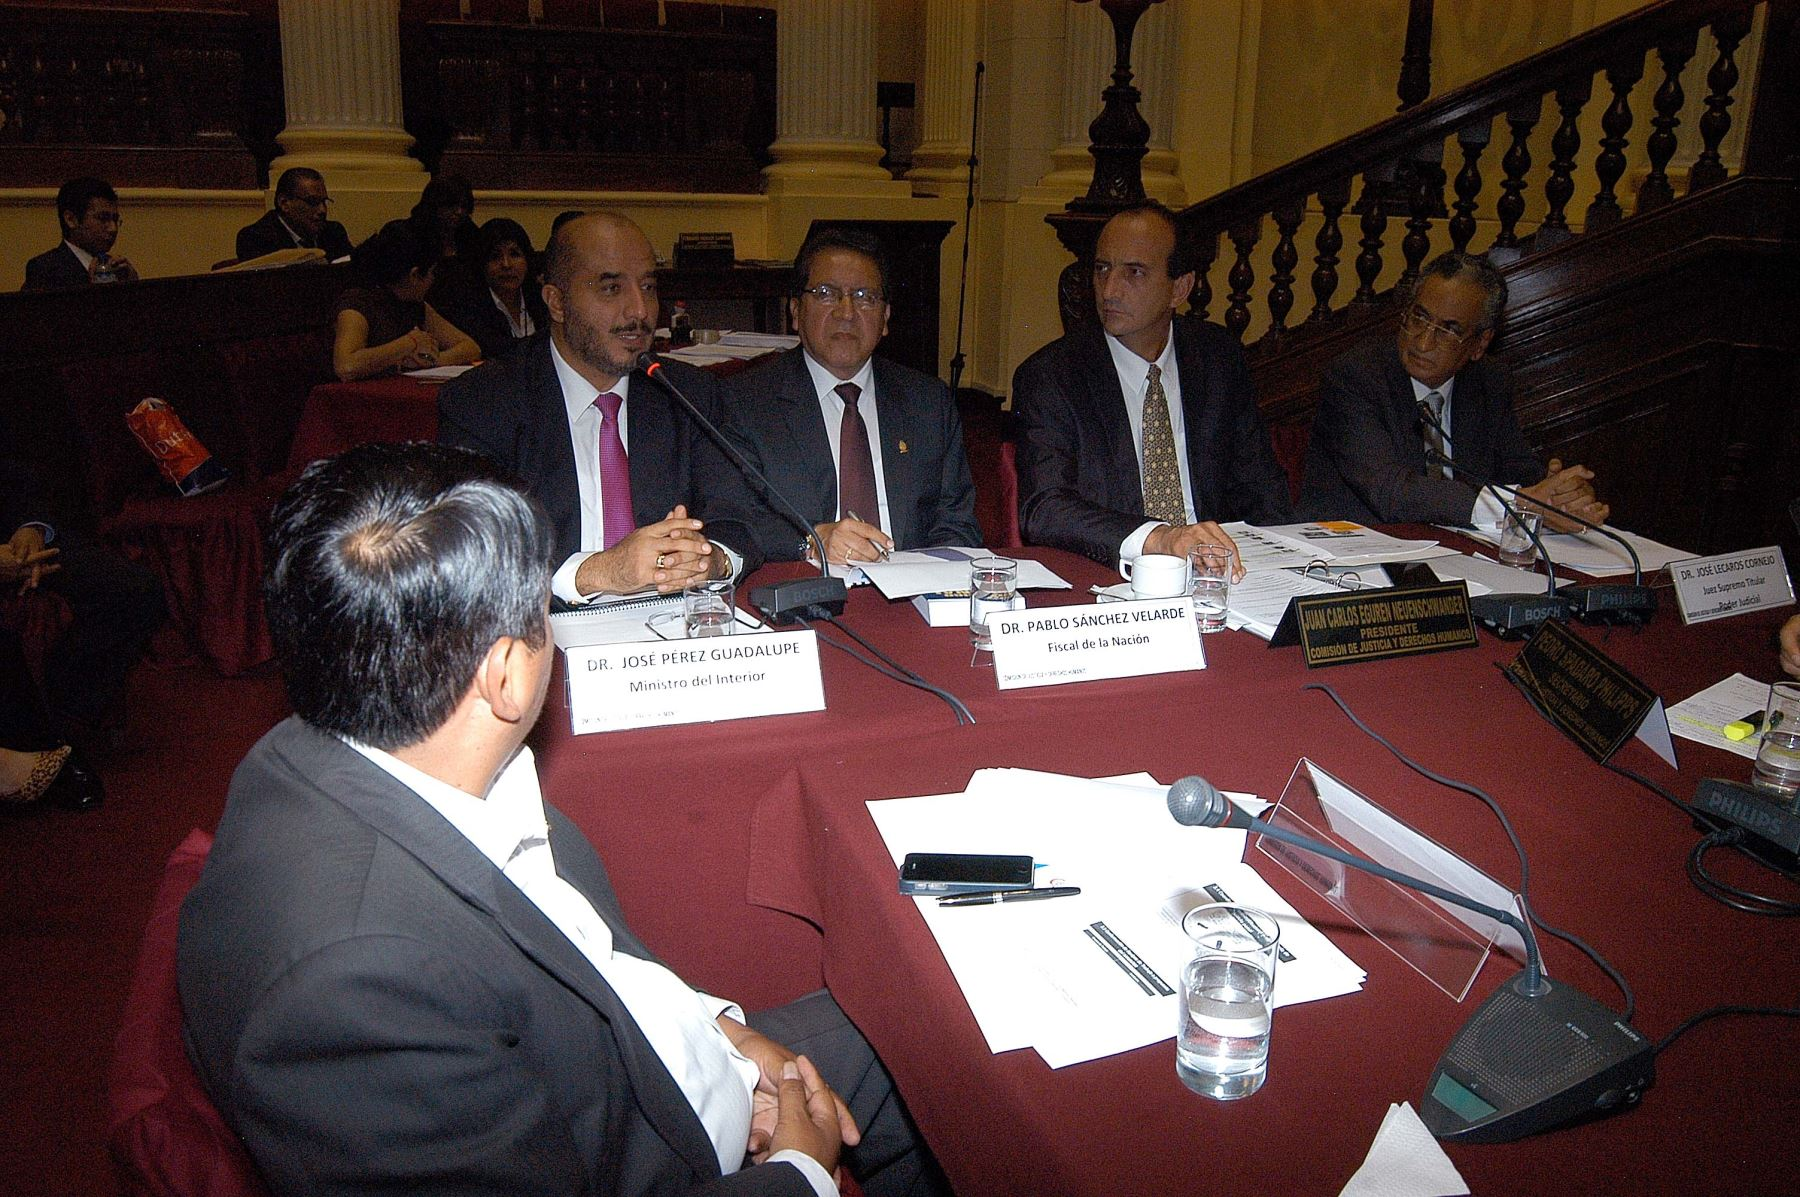 Exposición del ministro del Interior, José Pérez Guadalupe, en la Comisión de Justicia y Derechos Humanos. Difusión